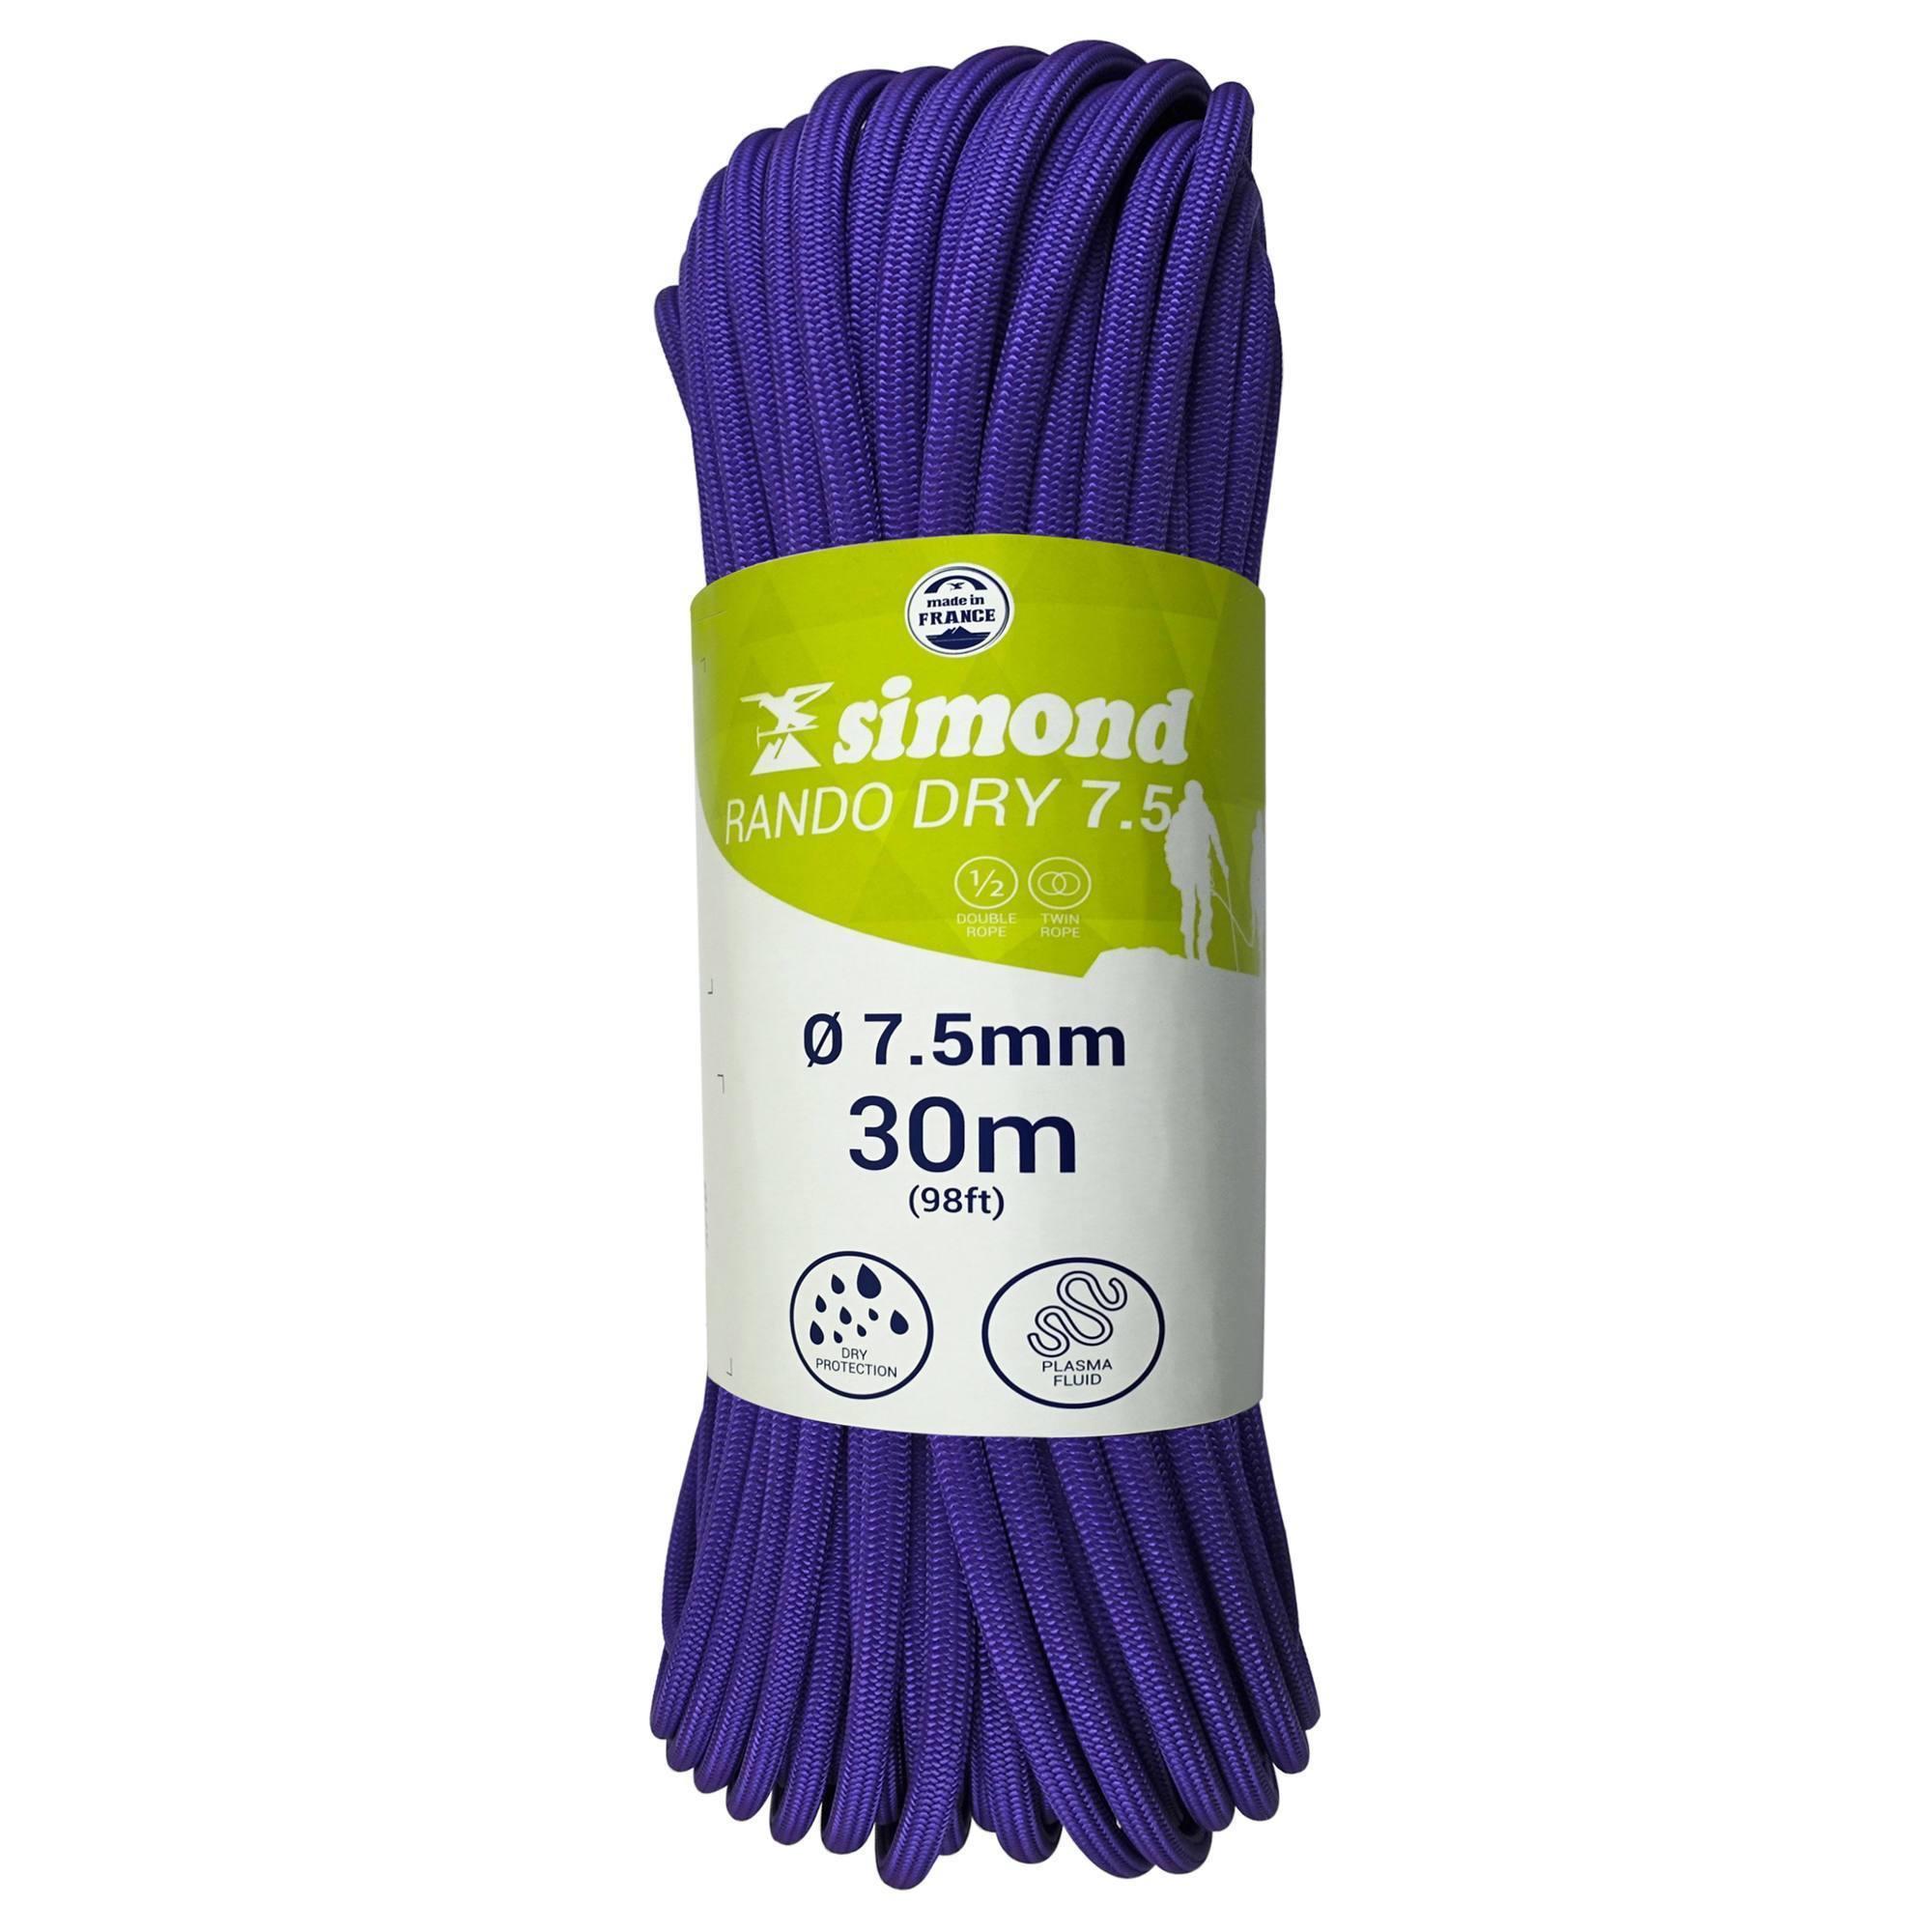 CORDE RANDO DRY 7.5mm x 30m violette